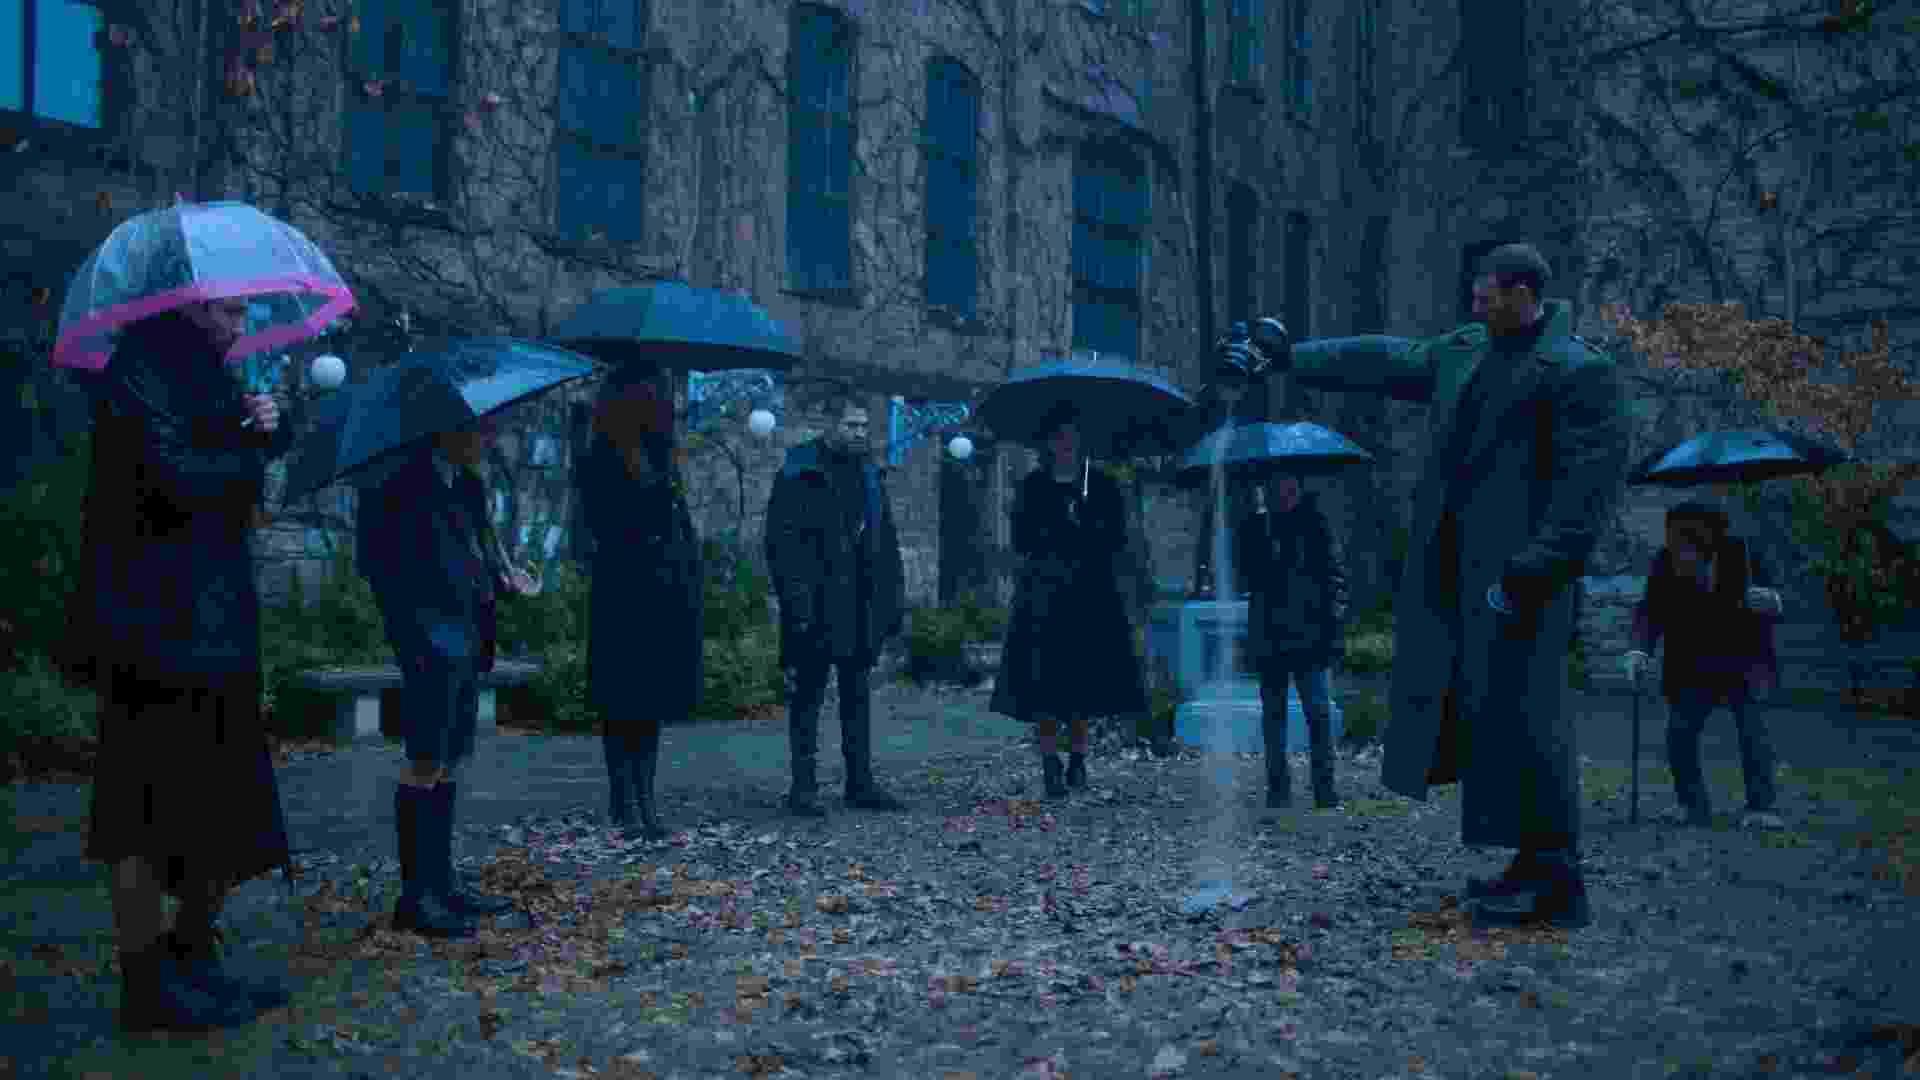 """""""The Umbrella Academy"""": Netflix divulga primeiras imagens oficiais da série - Divulgação"""